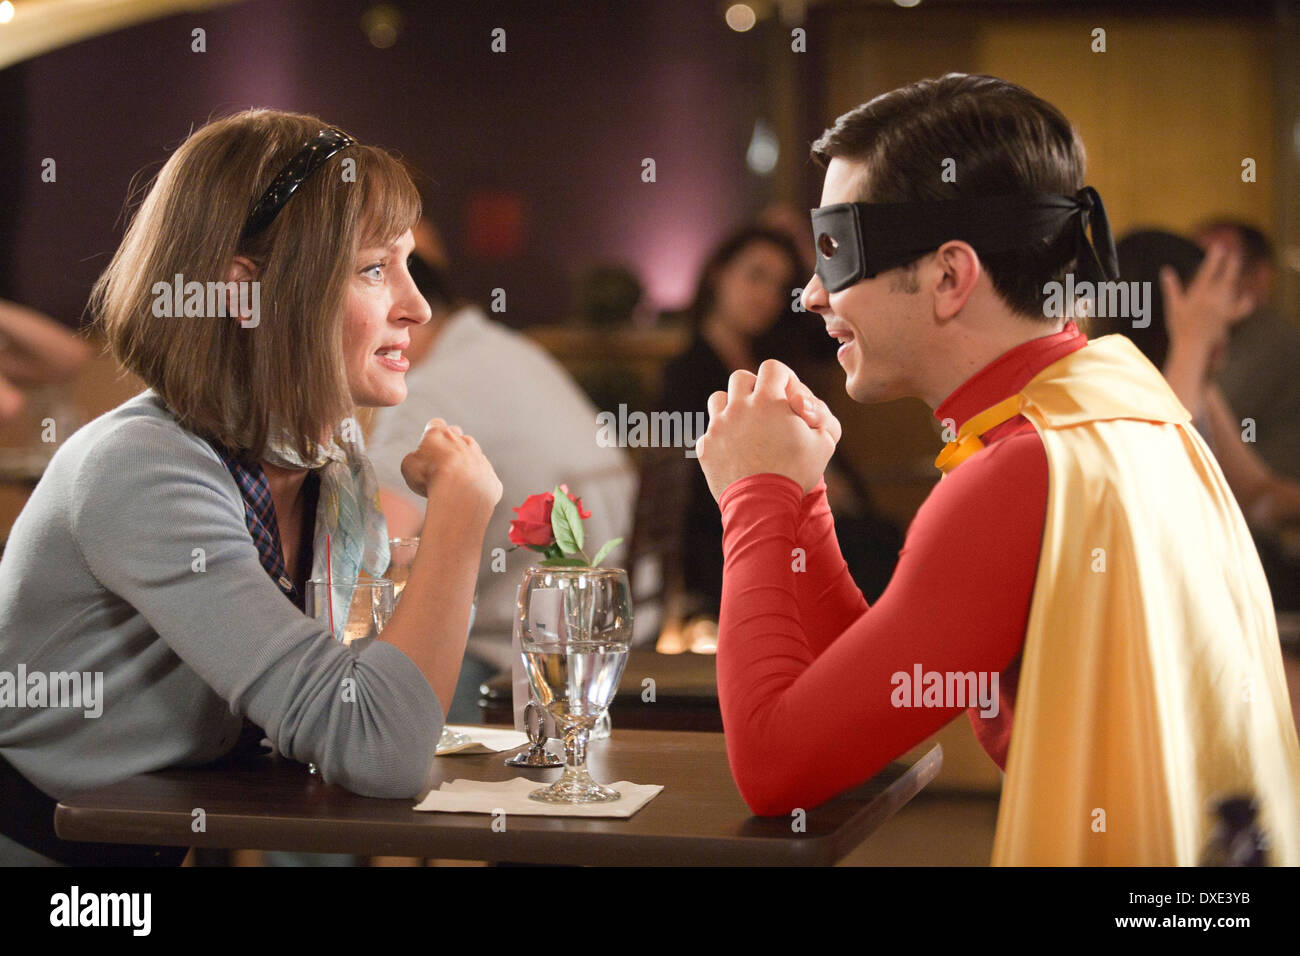 Super hero speed dating